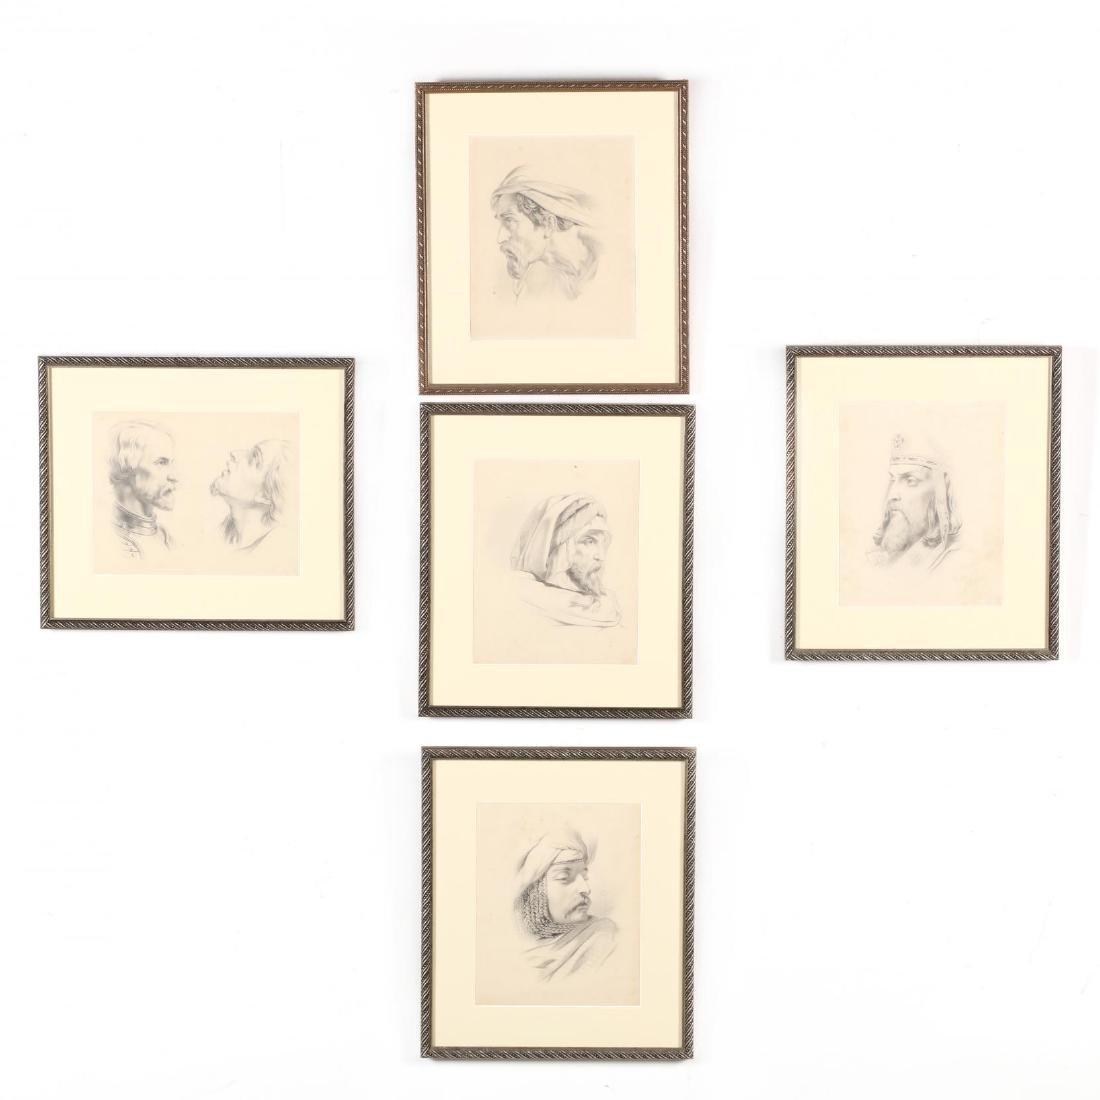 Peter Calvi, Jr. (NY, 1860-1926), Five Sketches of Men